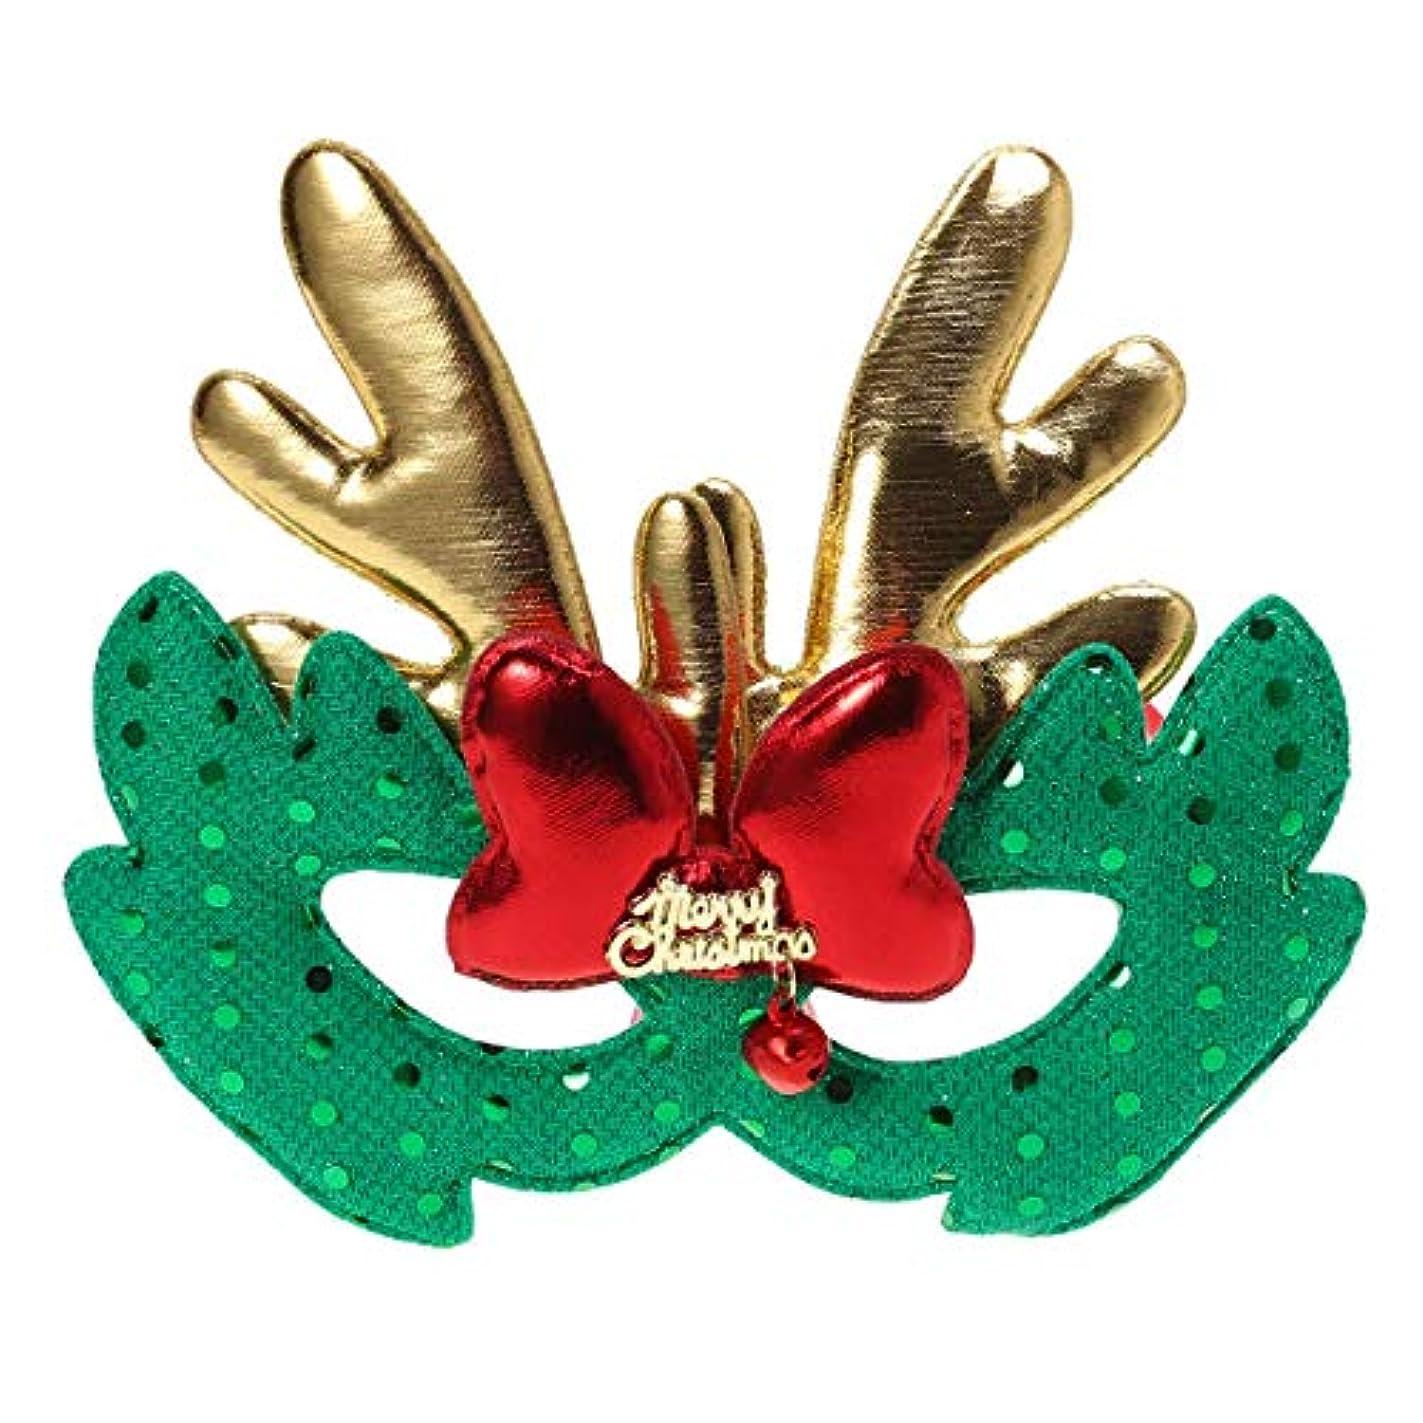 同一性中央ベギンBESTOYARD エルククリスマスコスチュームマスク布マスク子供大人コスプレクリスマスパーティーグリーン